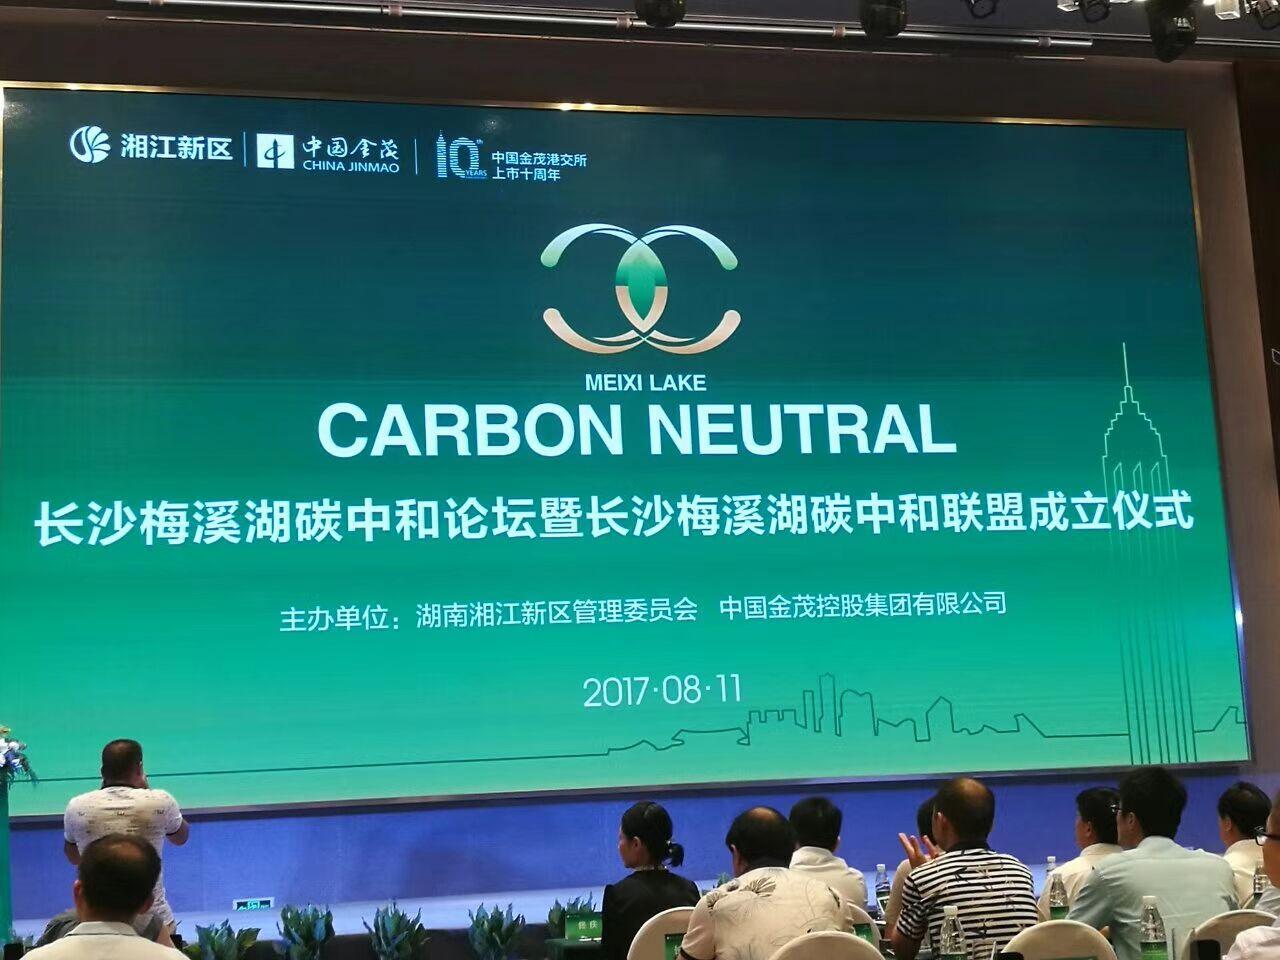 雨创环保总经理出席长沙梅溪湖碳中和联盟成立仪式